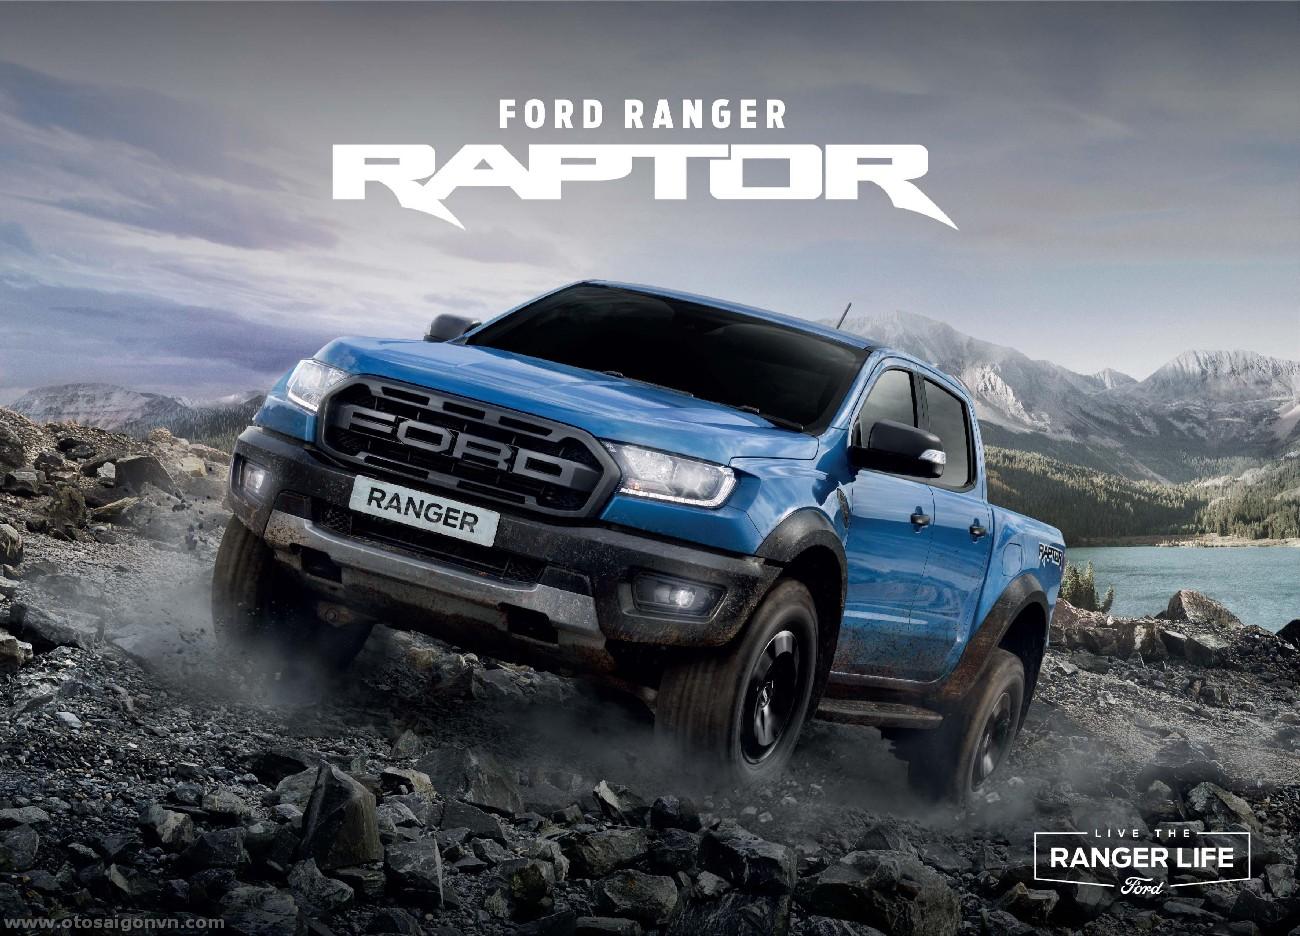 FORD RANGER RAPTOR 2.0L AT 4X4 3